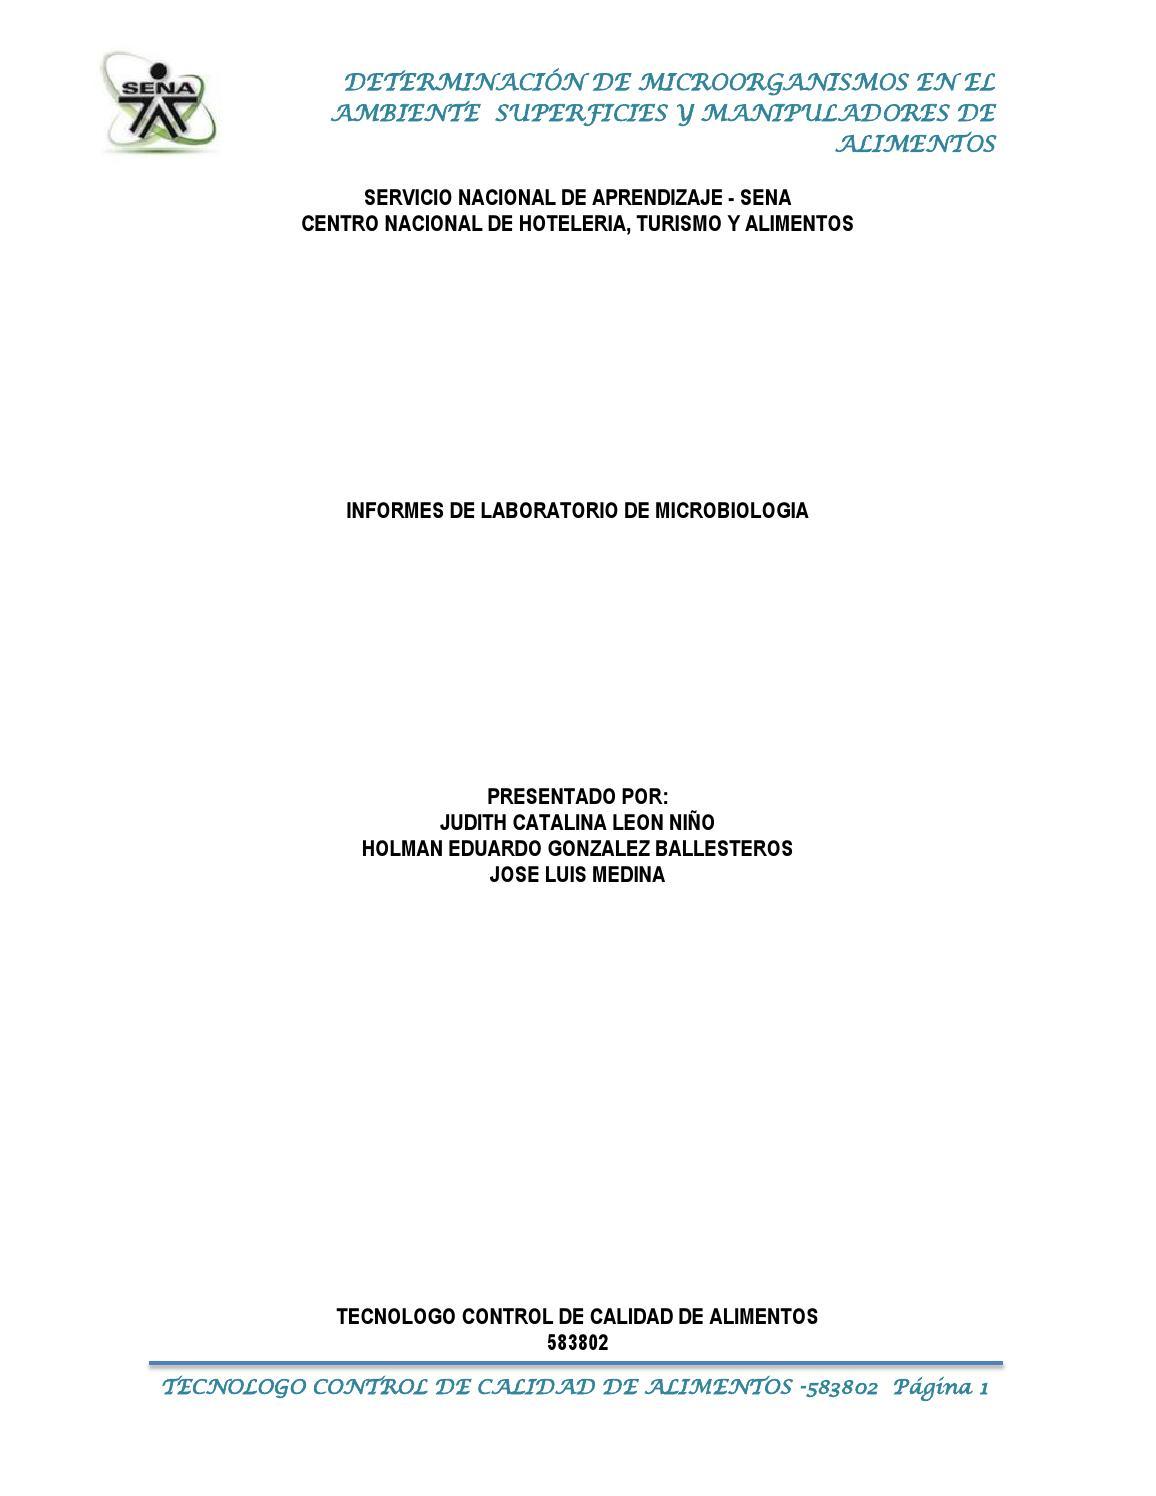 Informe microbiologia practica de superficies, manipuladores y ...